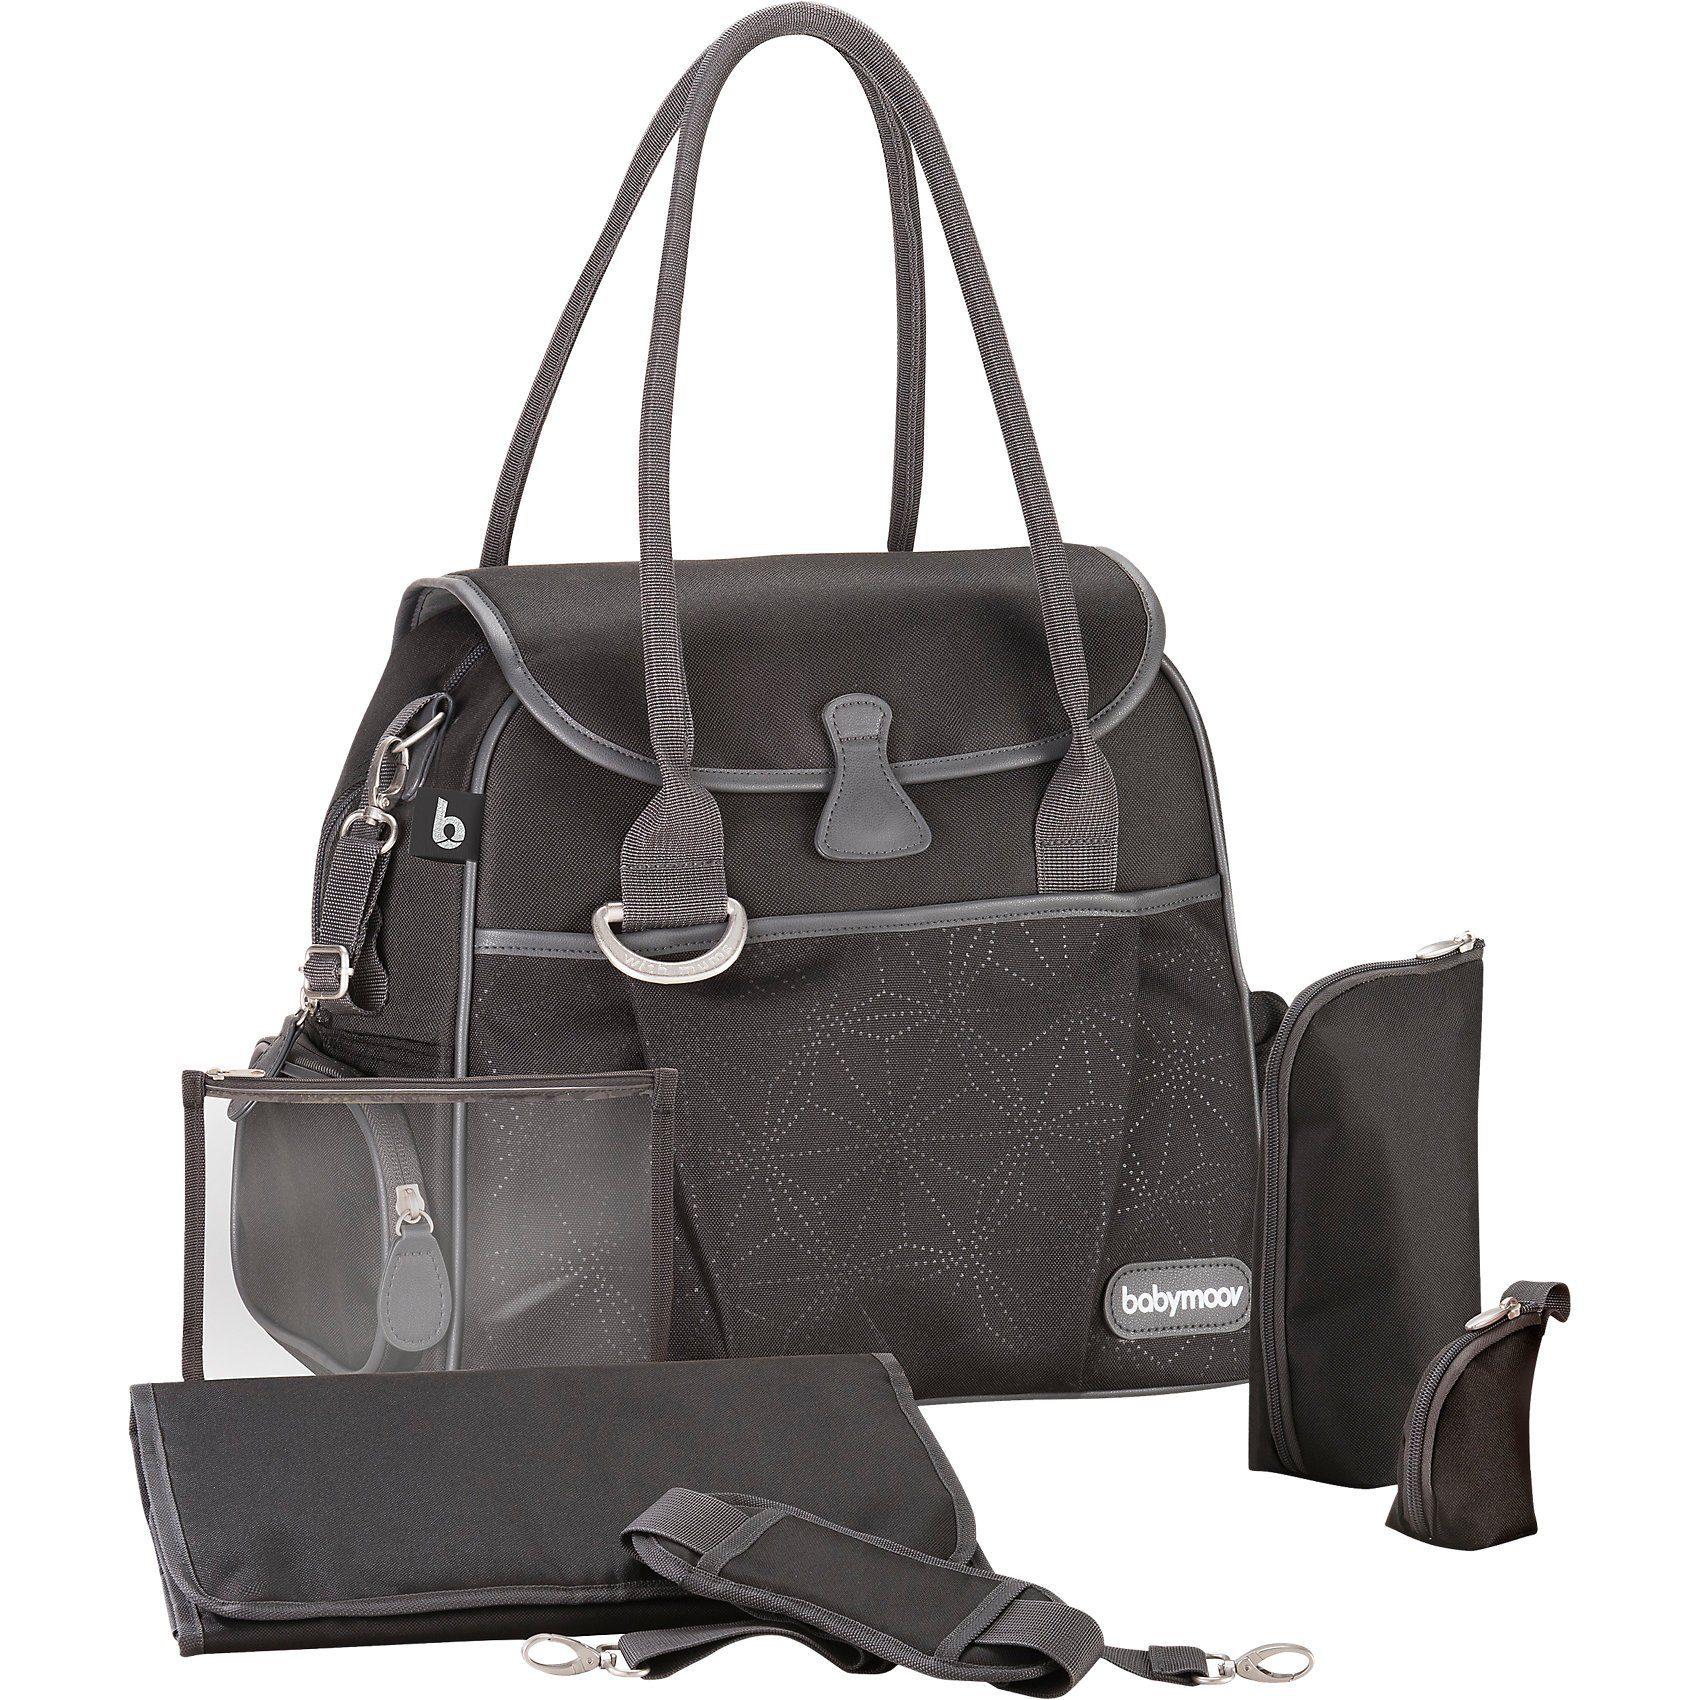 BABYMOOV Wickeltasche Style Bag, Dotwork